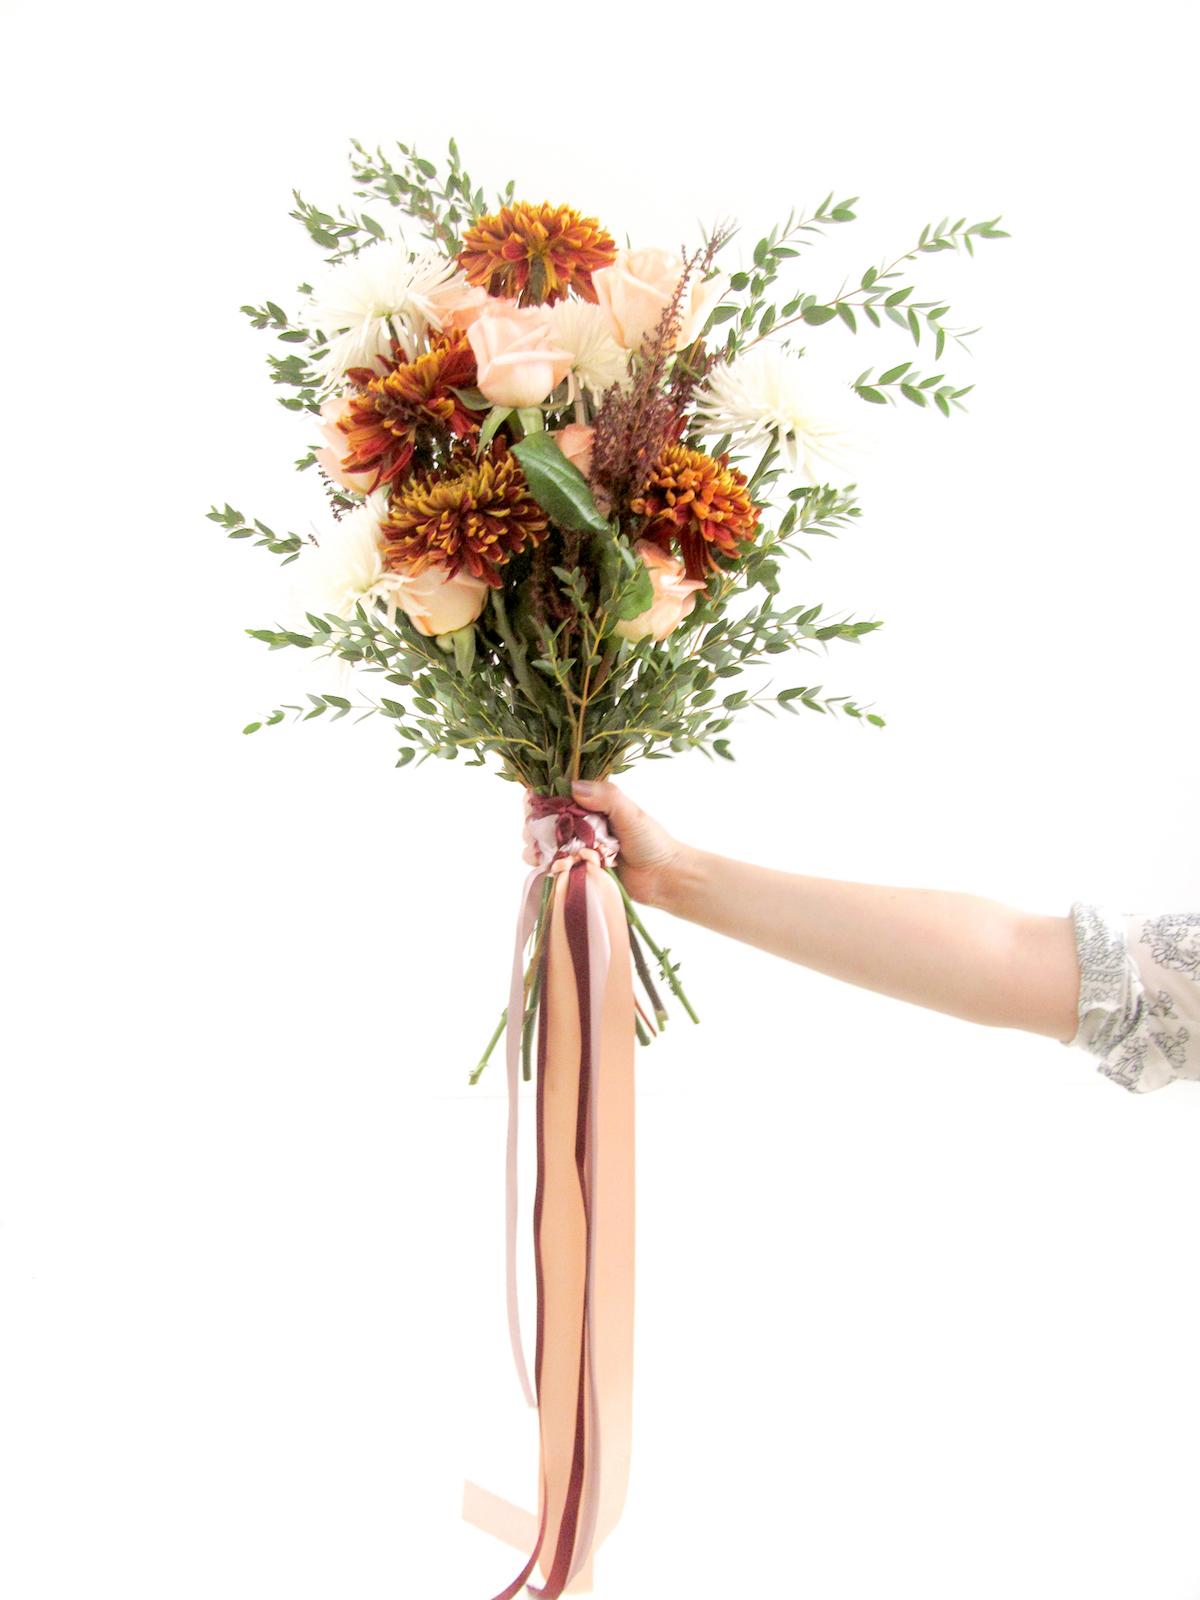 Easy Burgundy Cream DIY Wedding Bouquet Tutorial